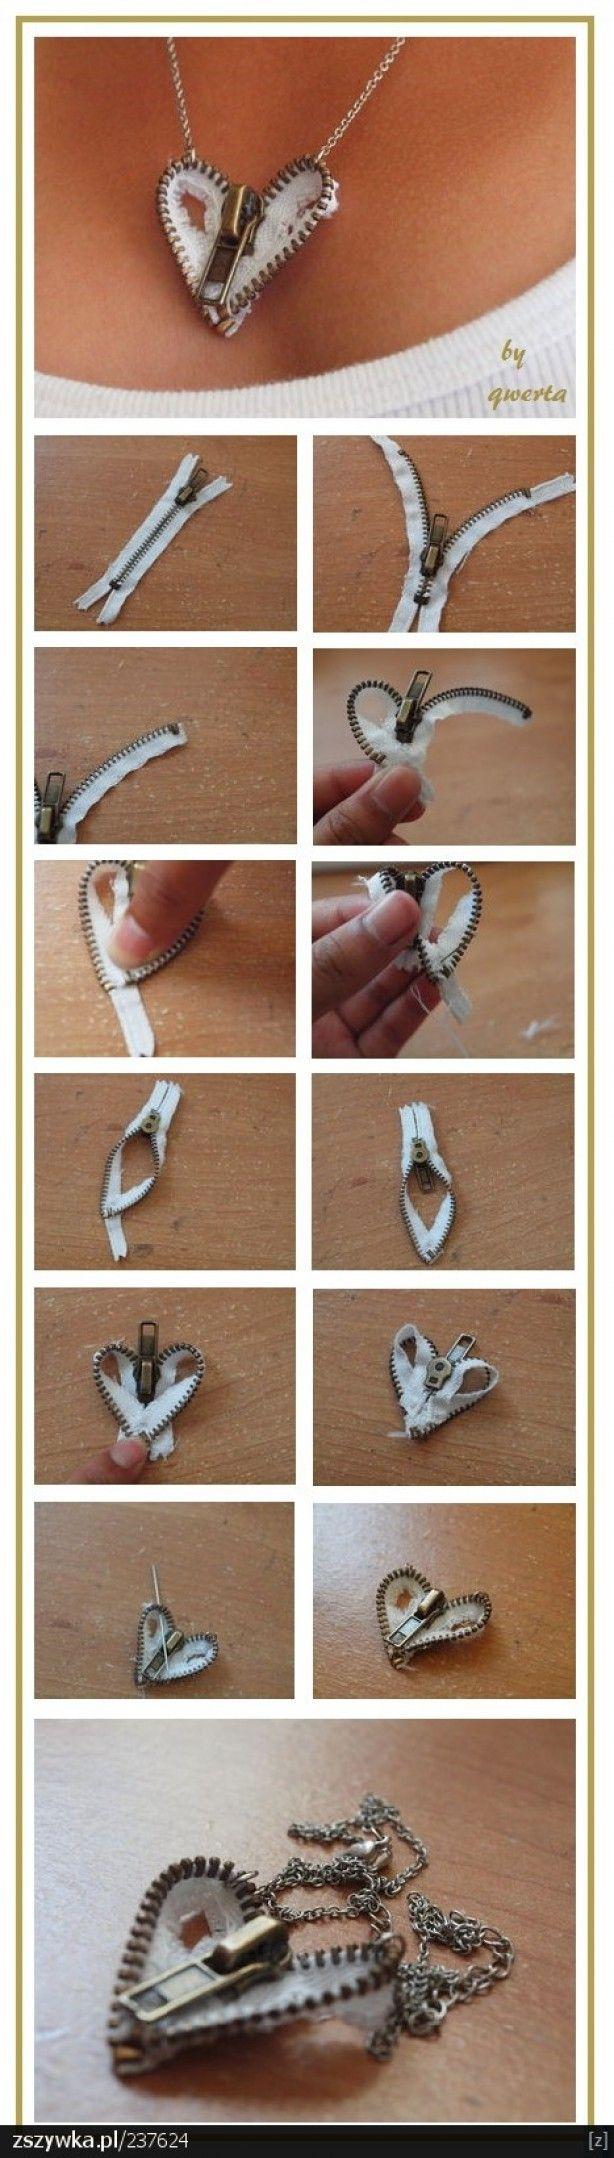 orginele hanger van een rits in een hartje gevouwen